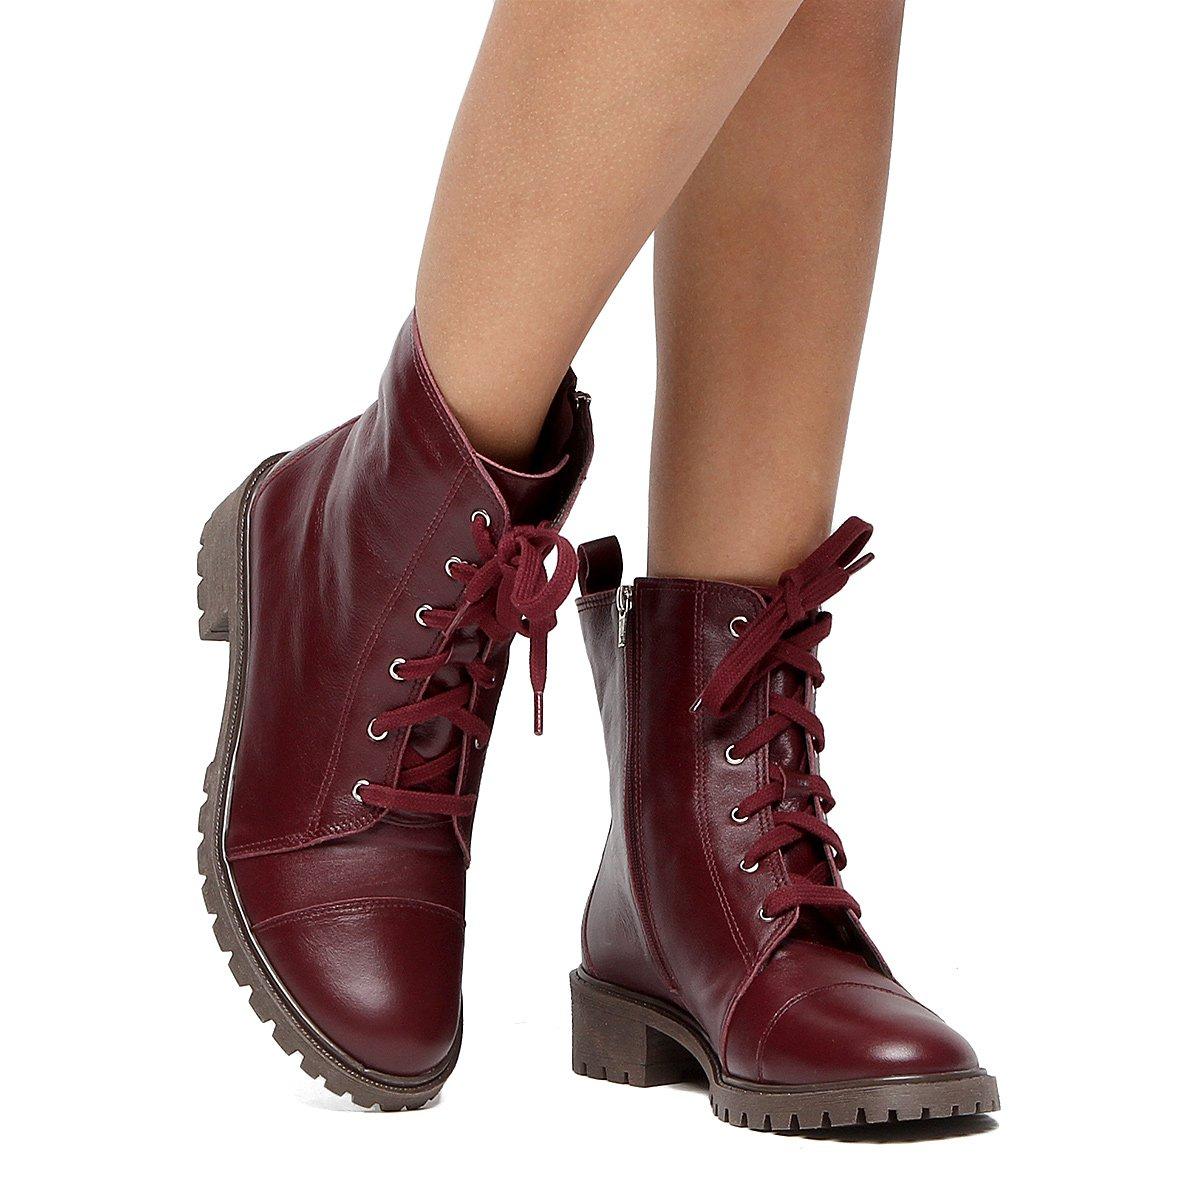 5ab5ccea60 Bota Coturno Couro Shoestock Feminina - Compre Agora